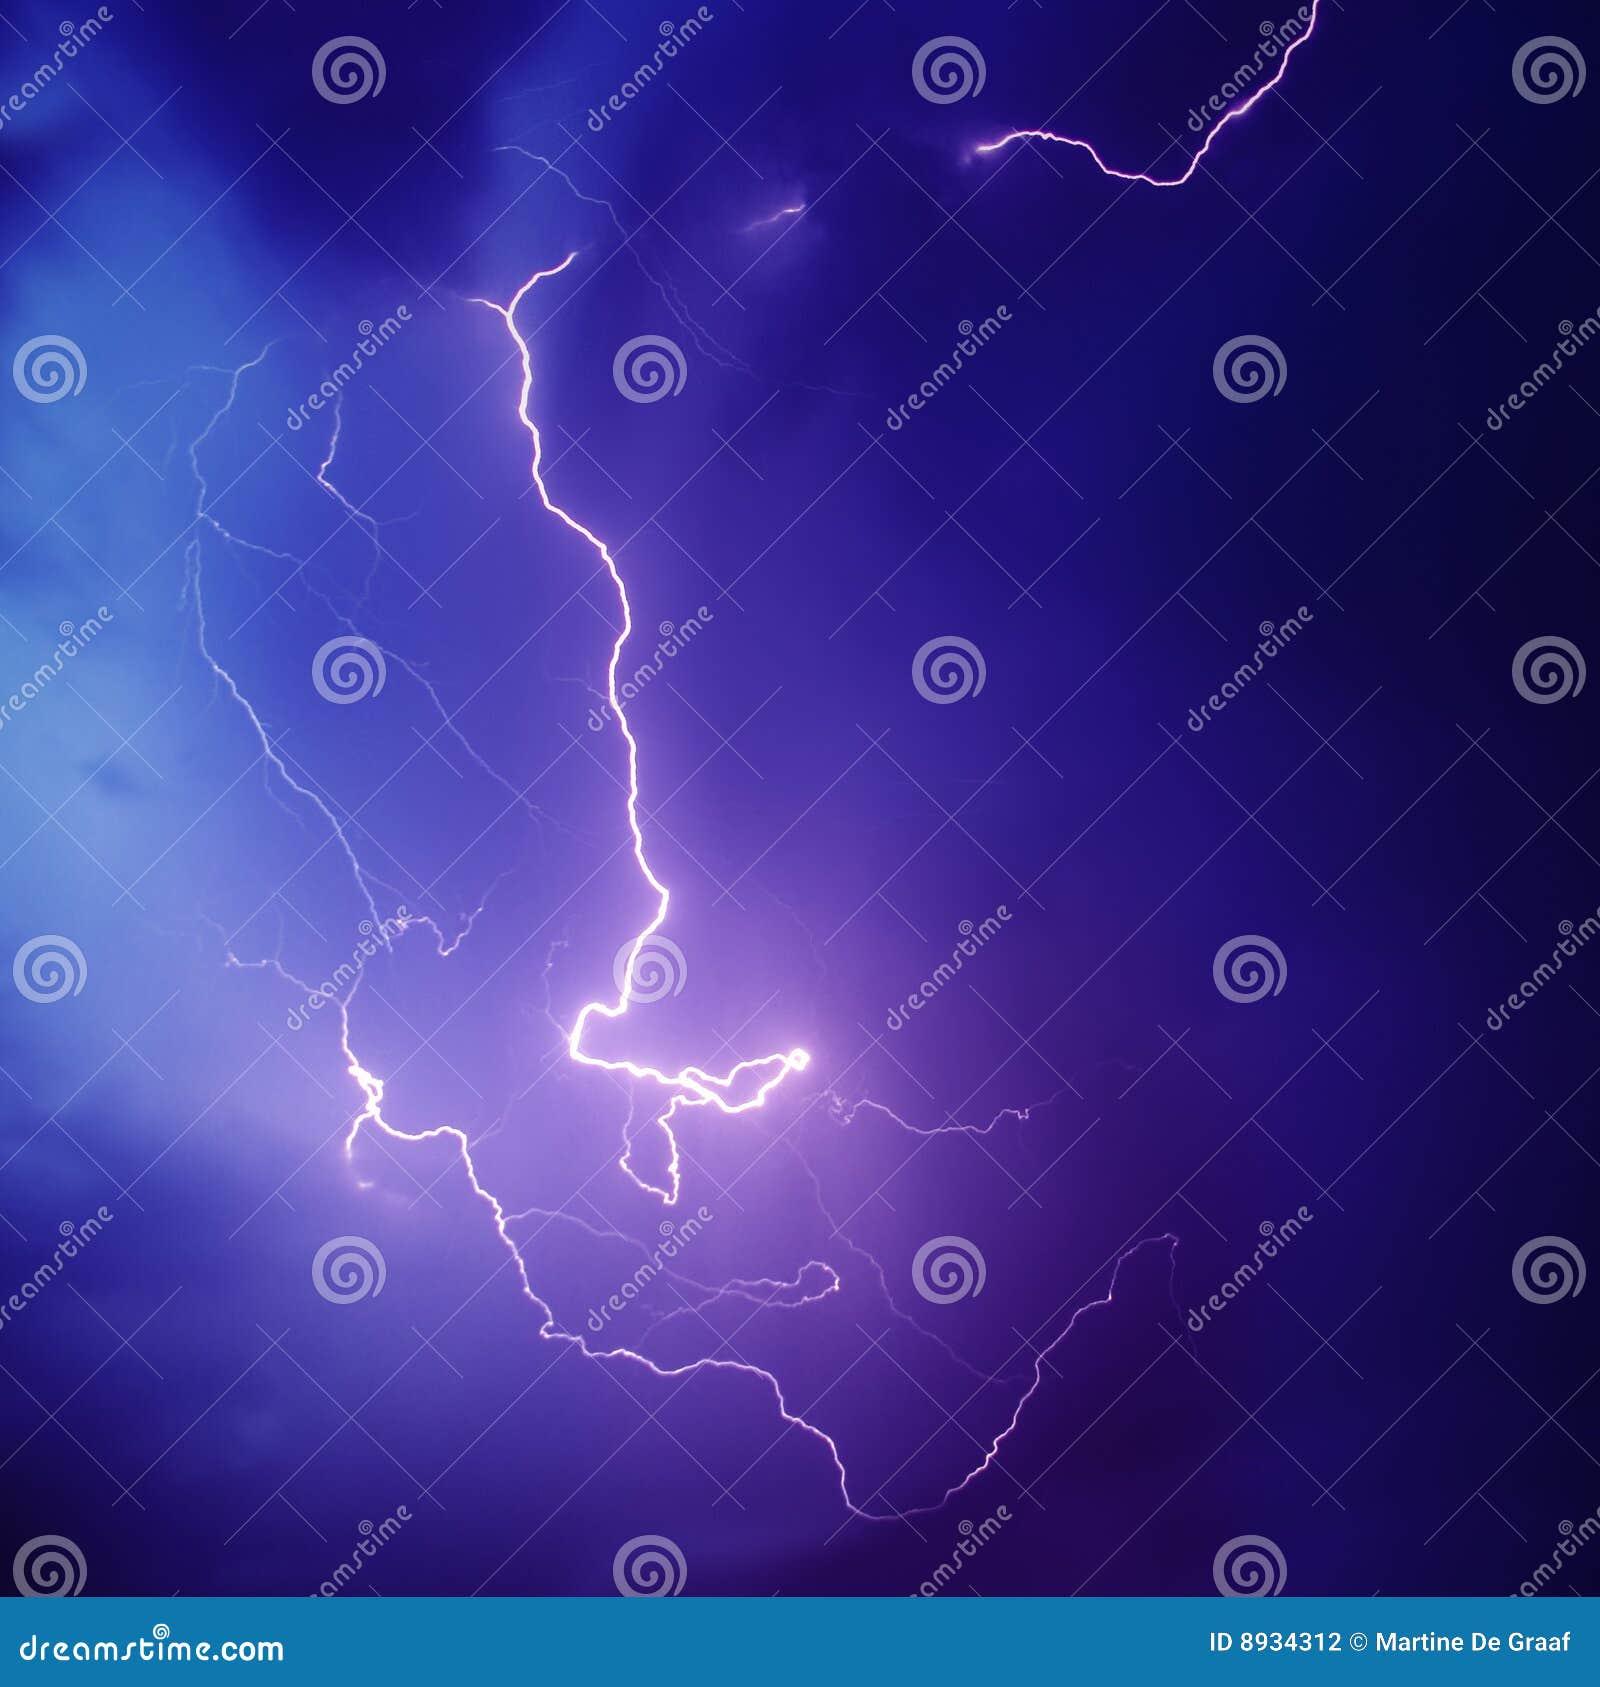 Bolt lightning purple